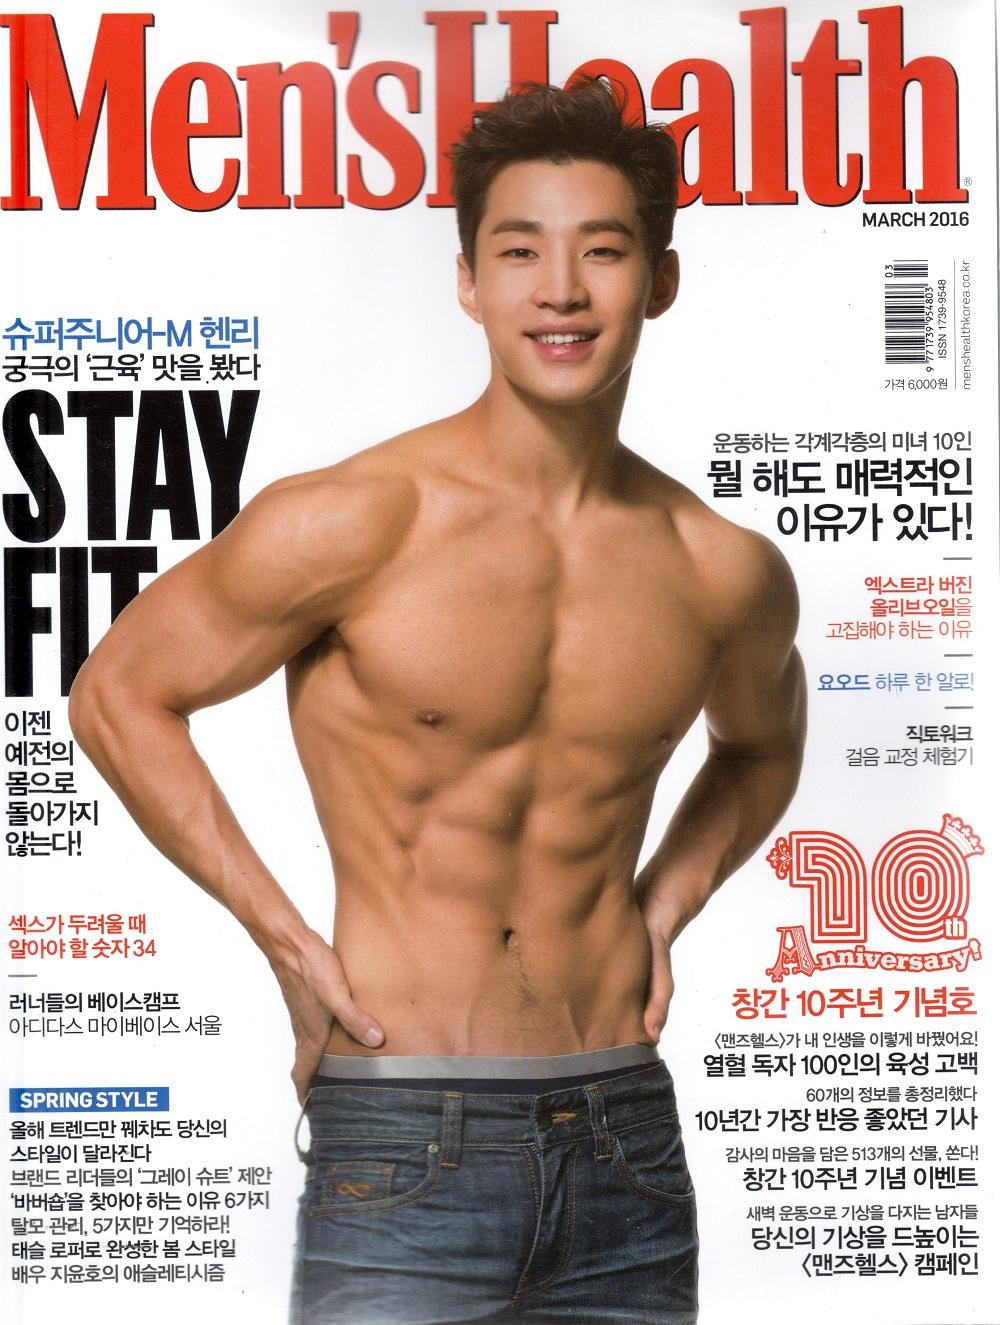 Men's Health Mar 16